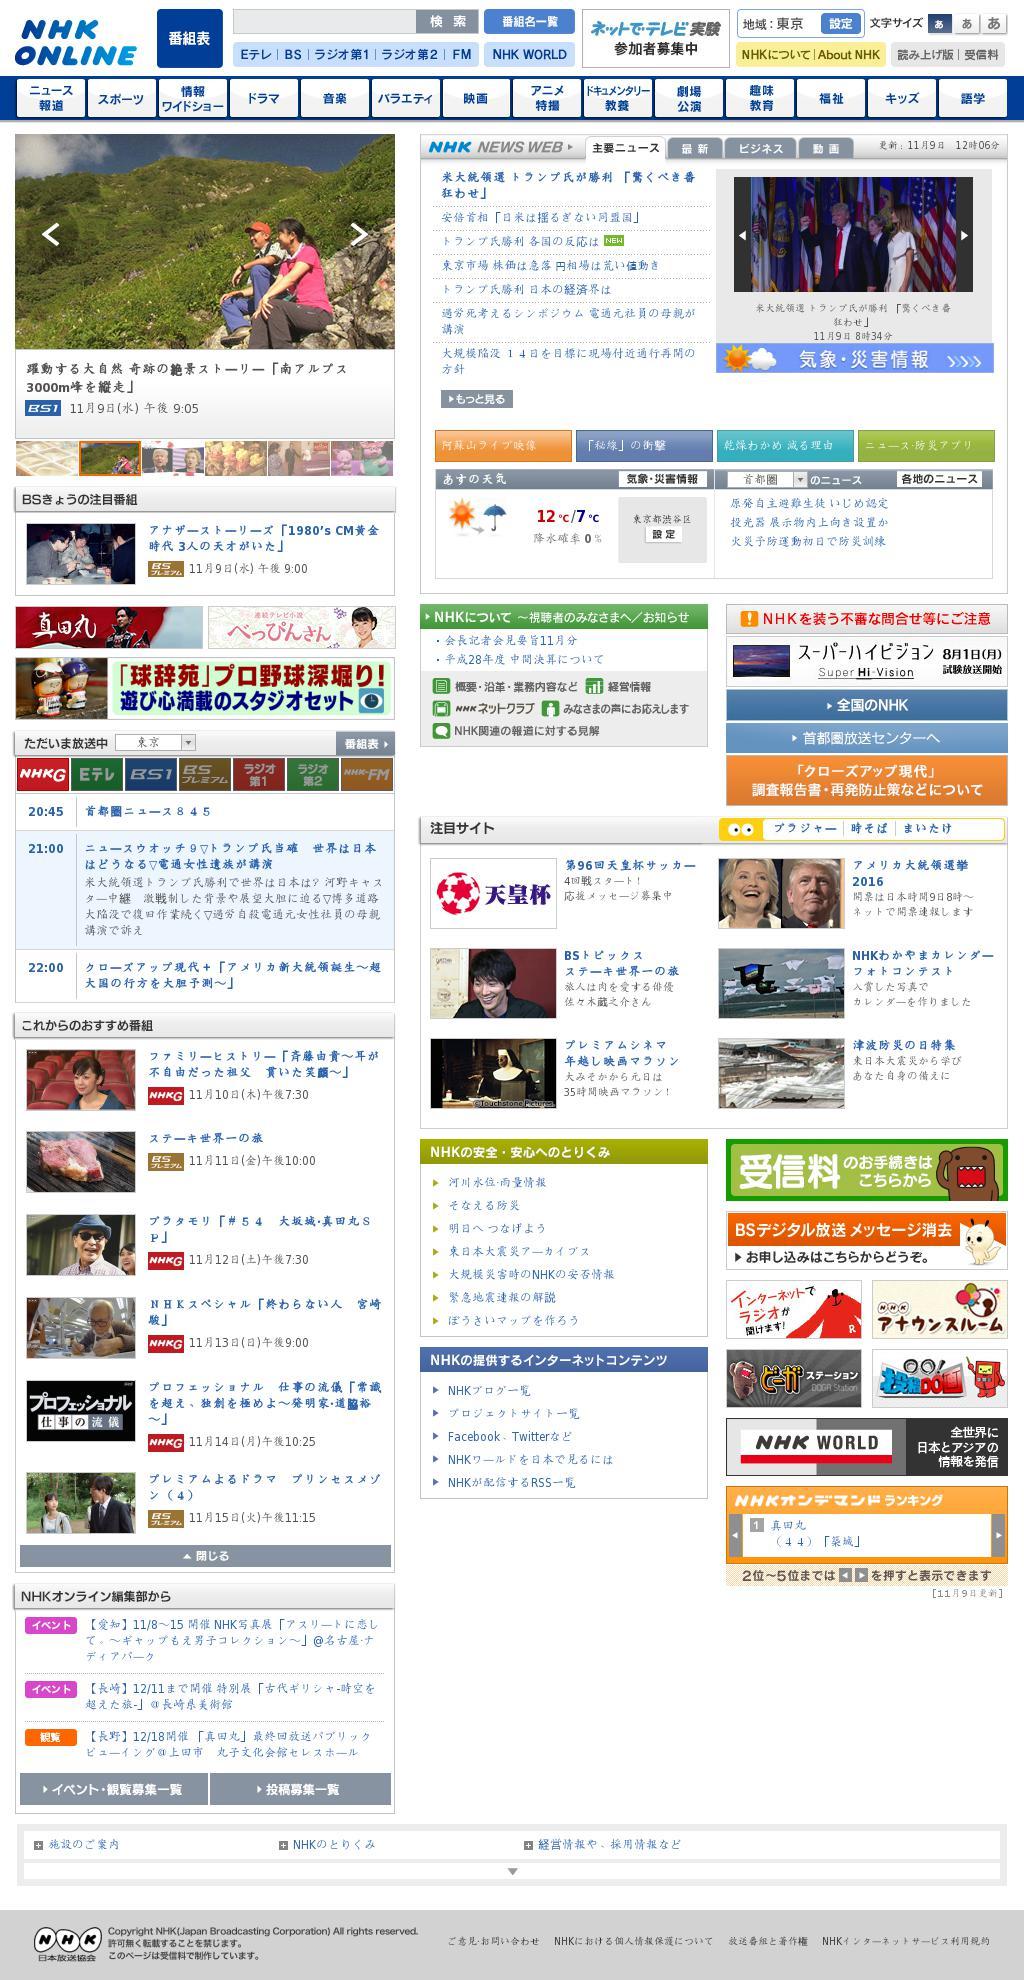 NHK Online at Wednesday Nov. 9, 2016, 12:13 p.m. UTC